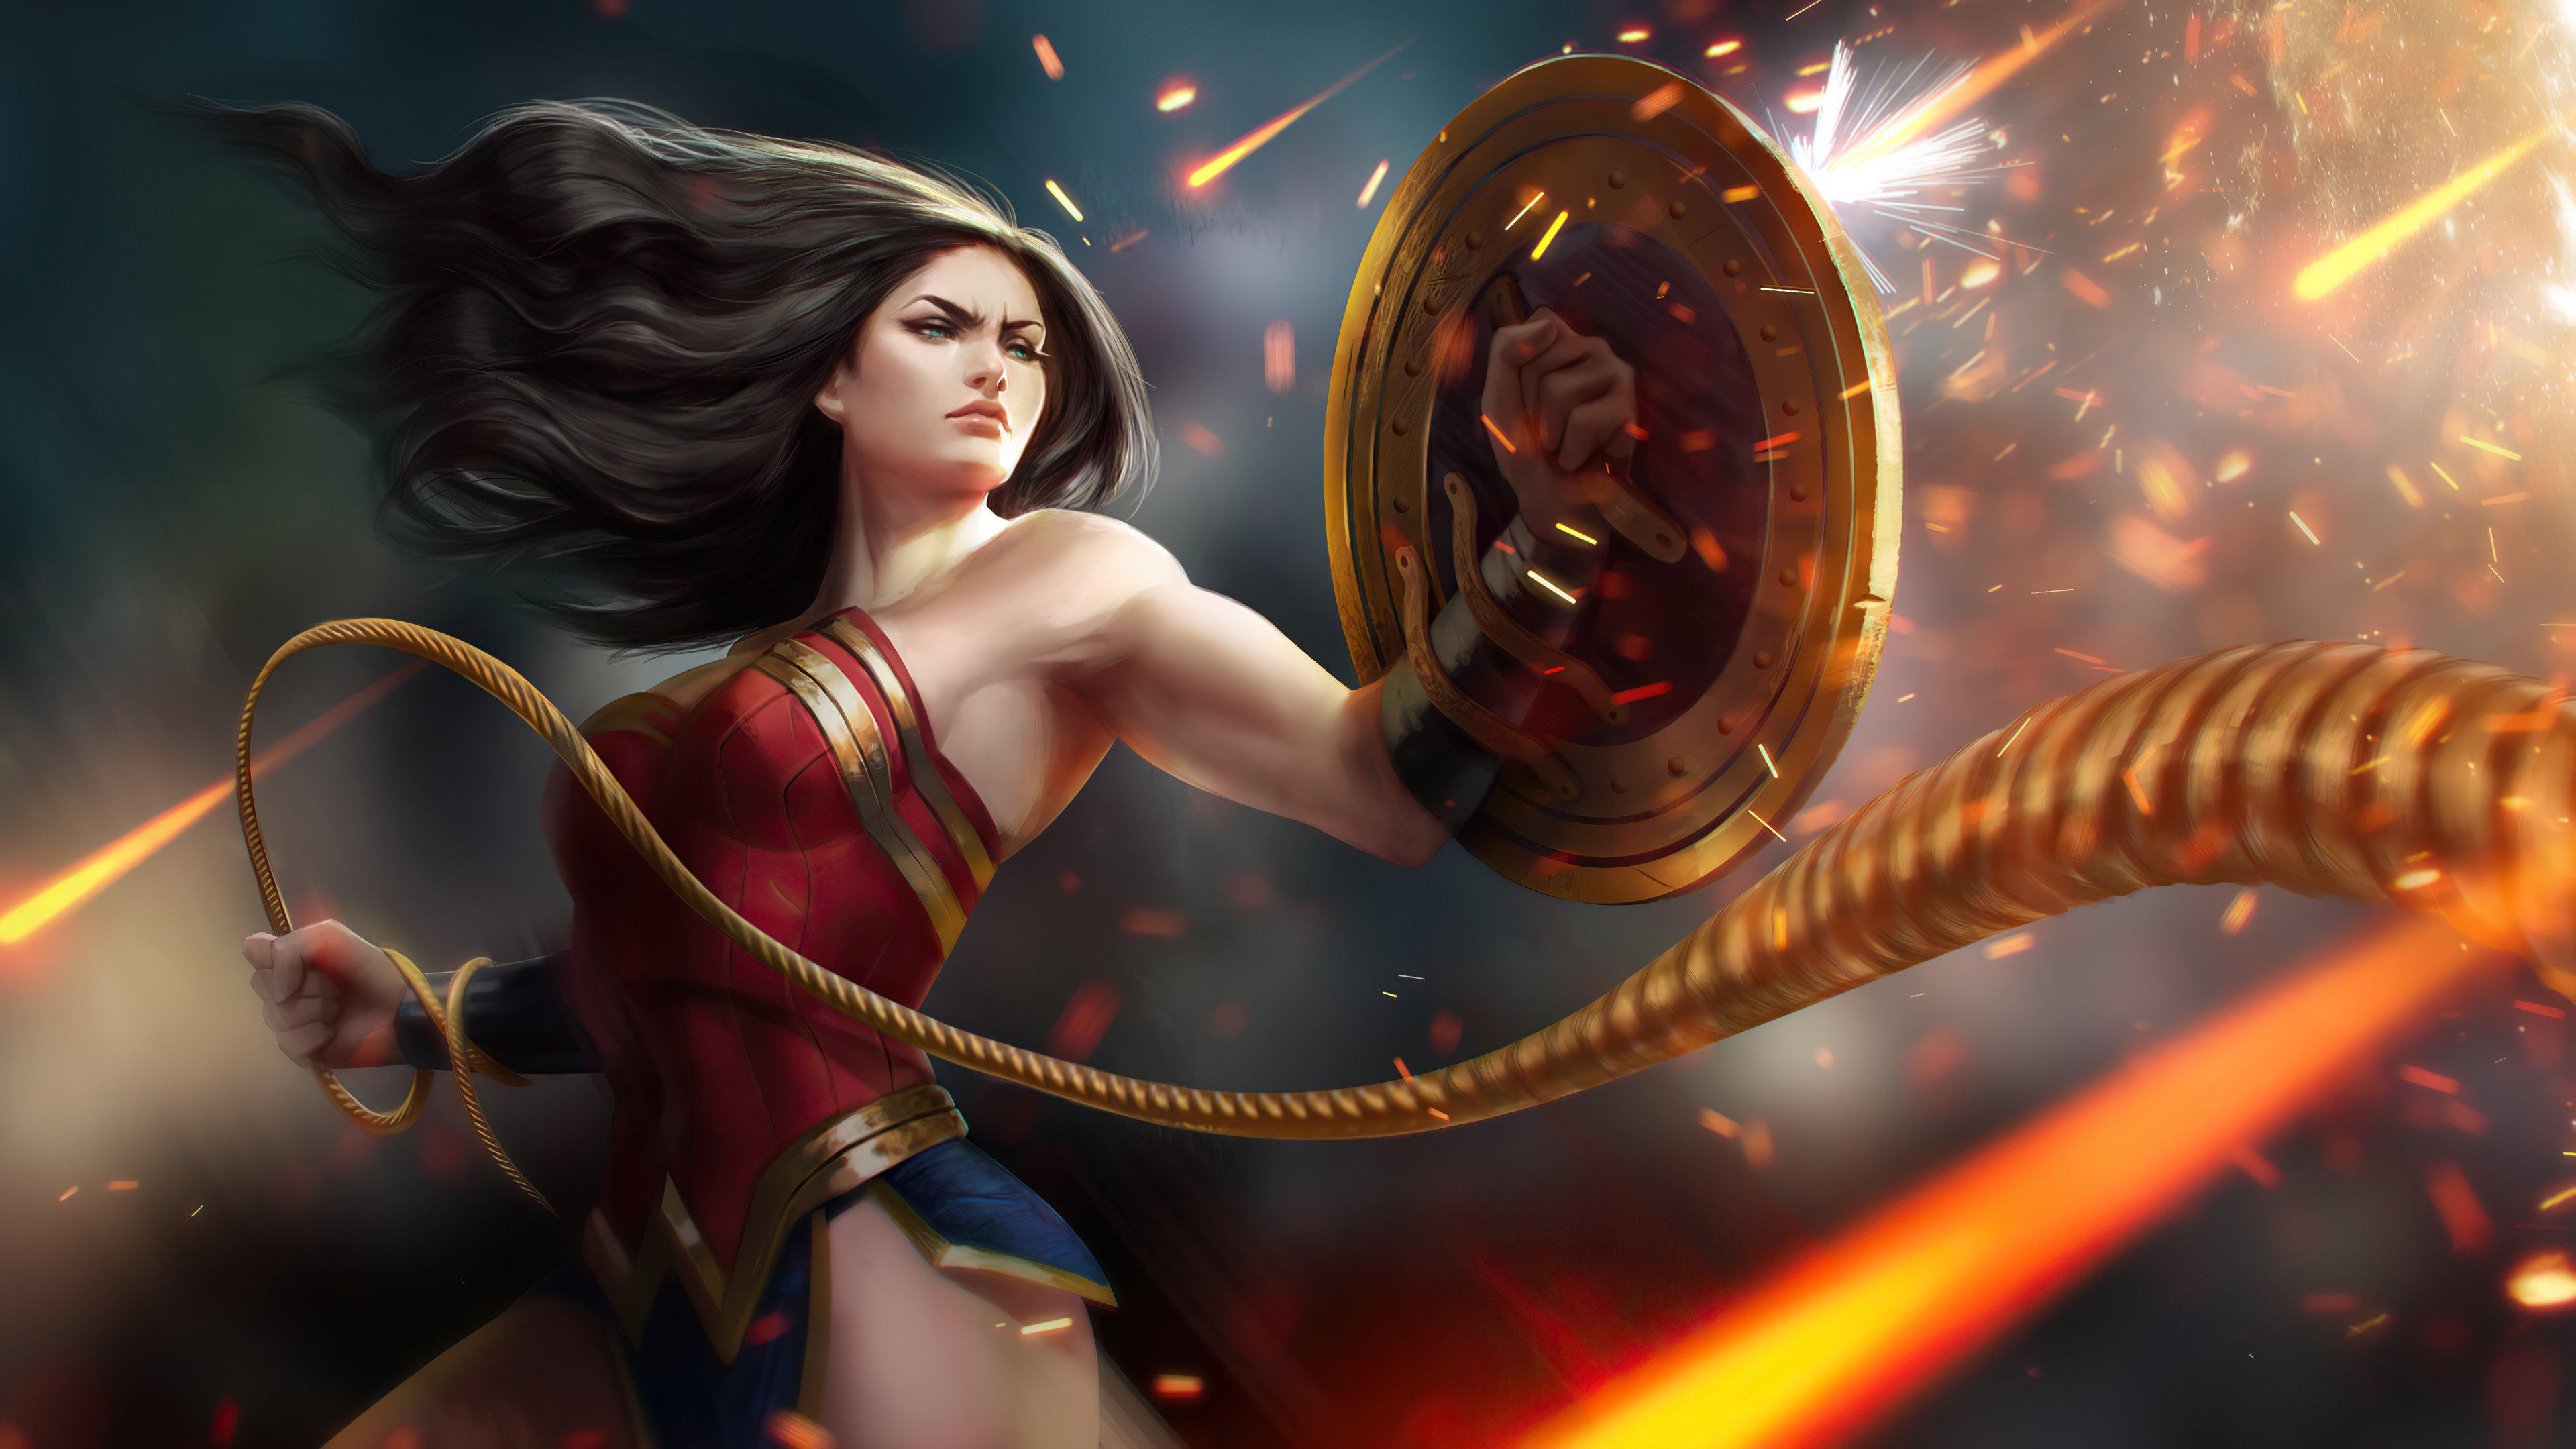 Fondos de pantalla La mujer maravilla como guerrera